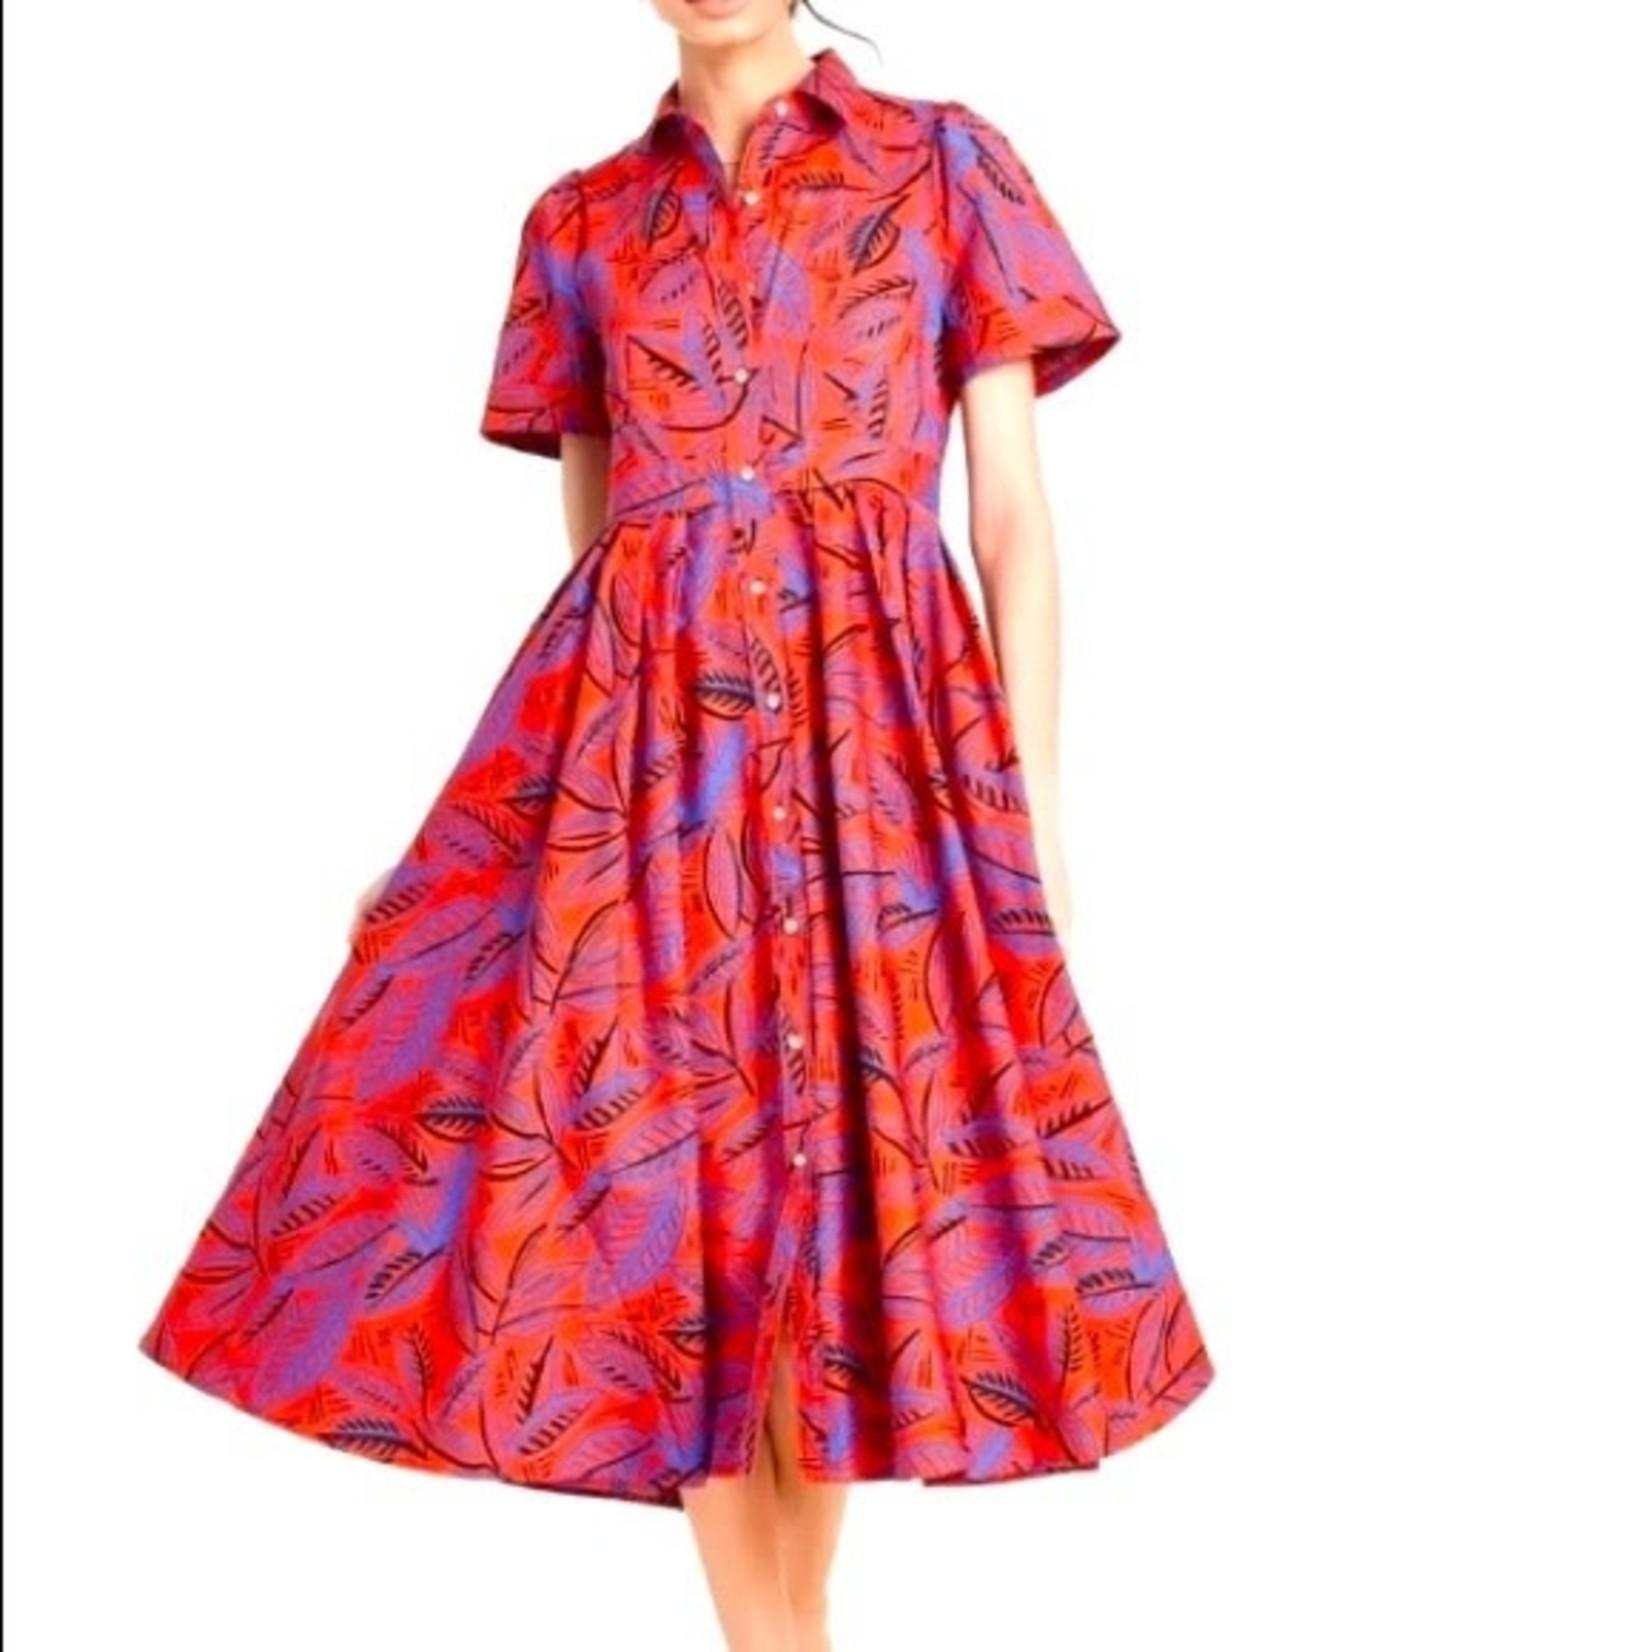 Alexis Orange and Blue Leaf Print Button up dress -S,M,L,XL